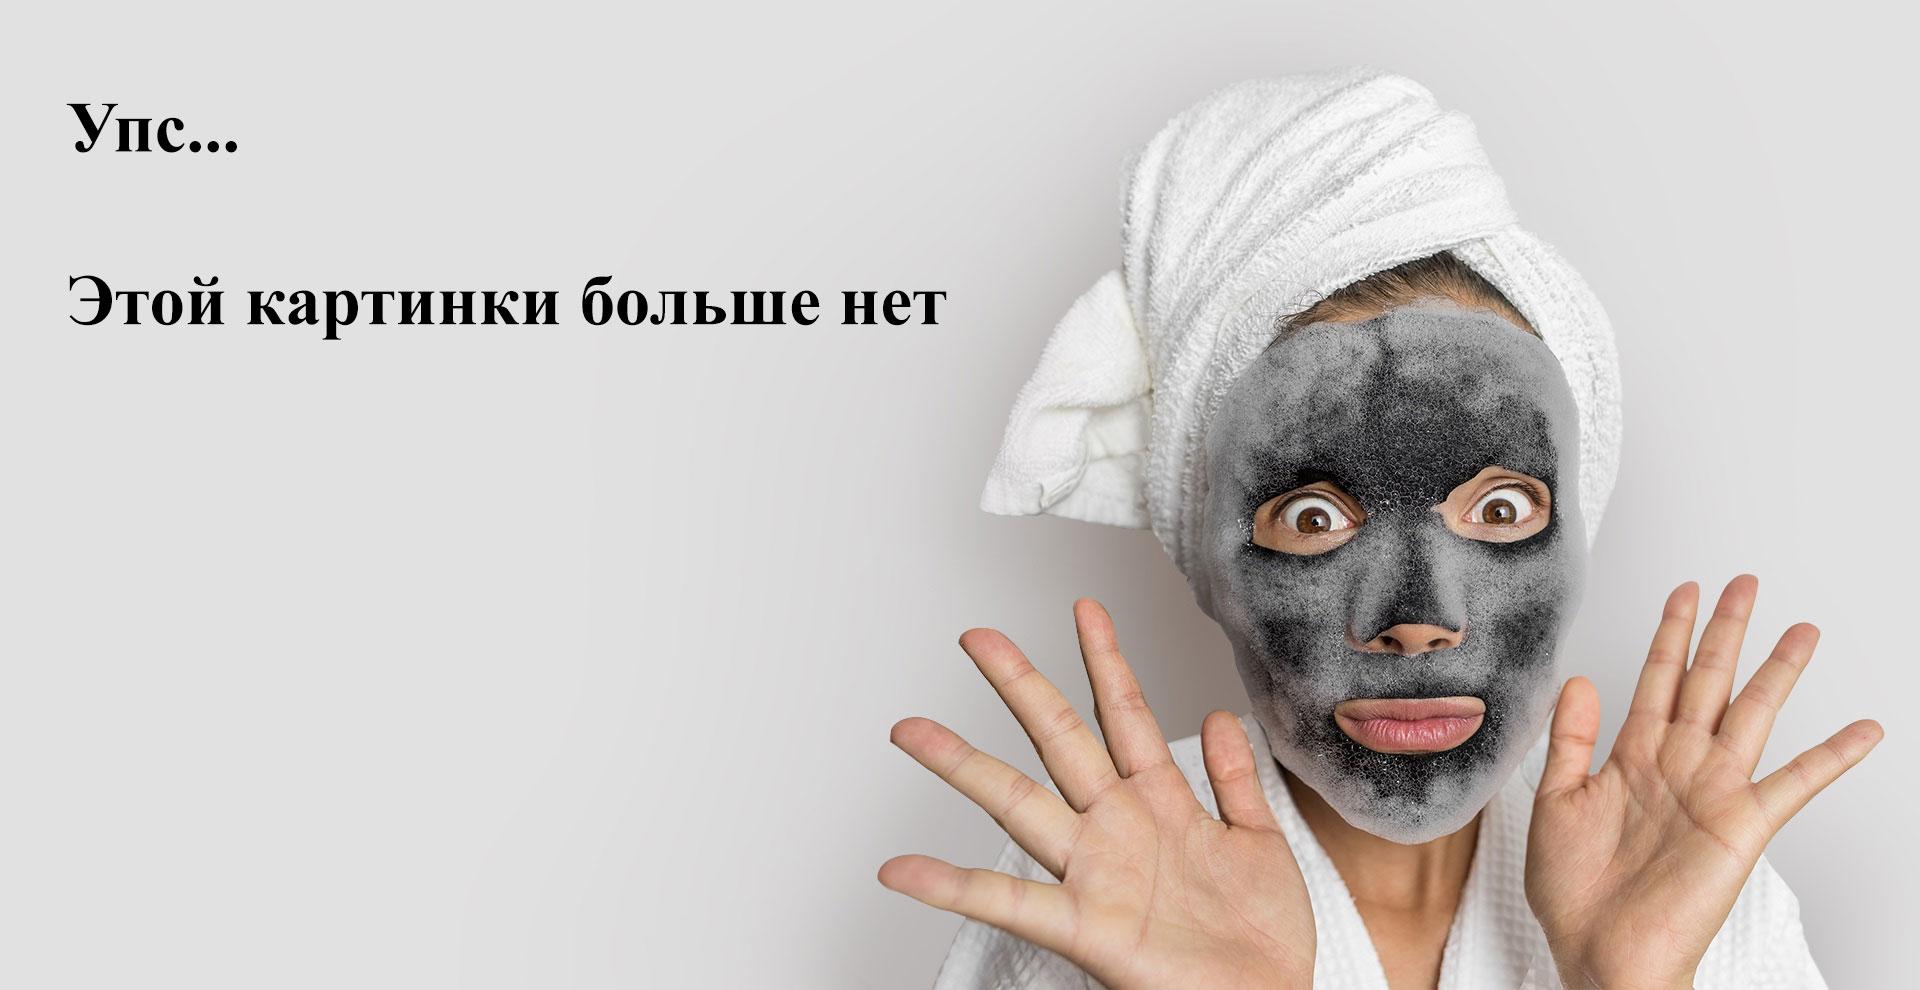 Patrisa Nail, Праймер кислотный, 8 мл